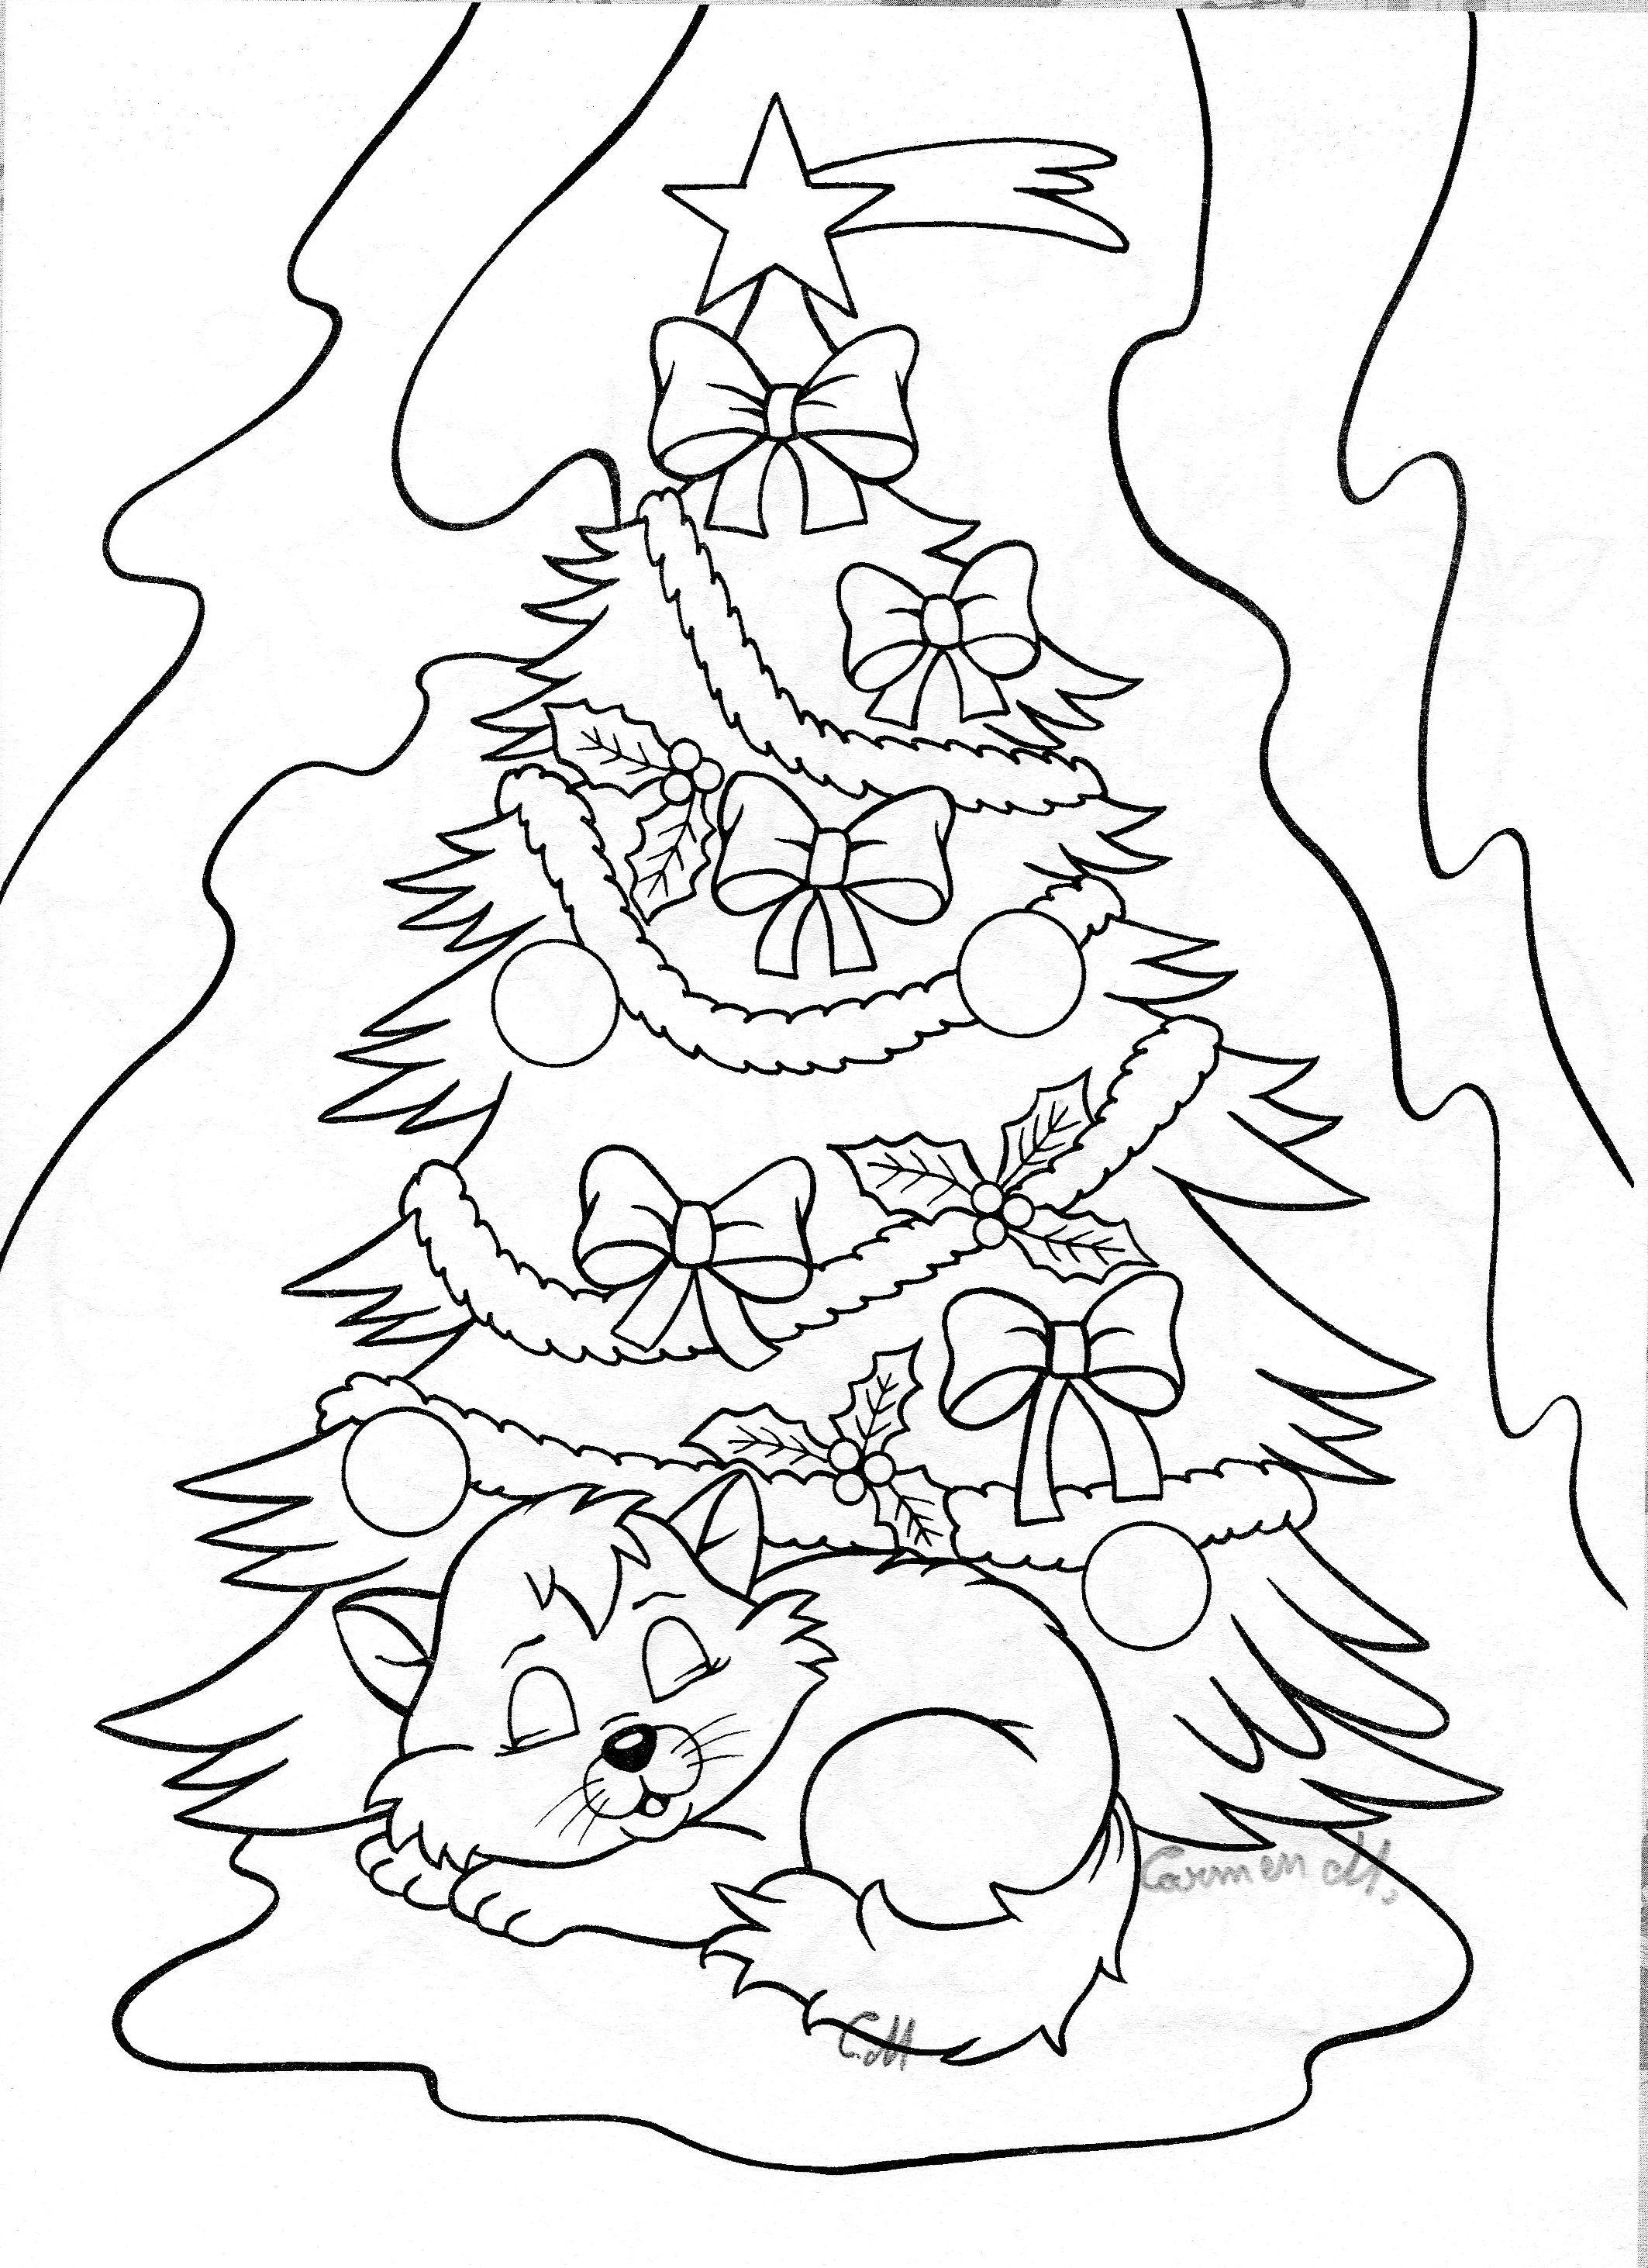 Tranh tô màu cây thông Noel đẹp, dễ thương